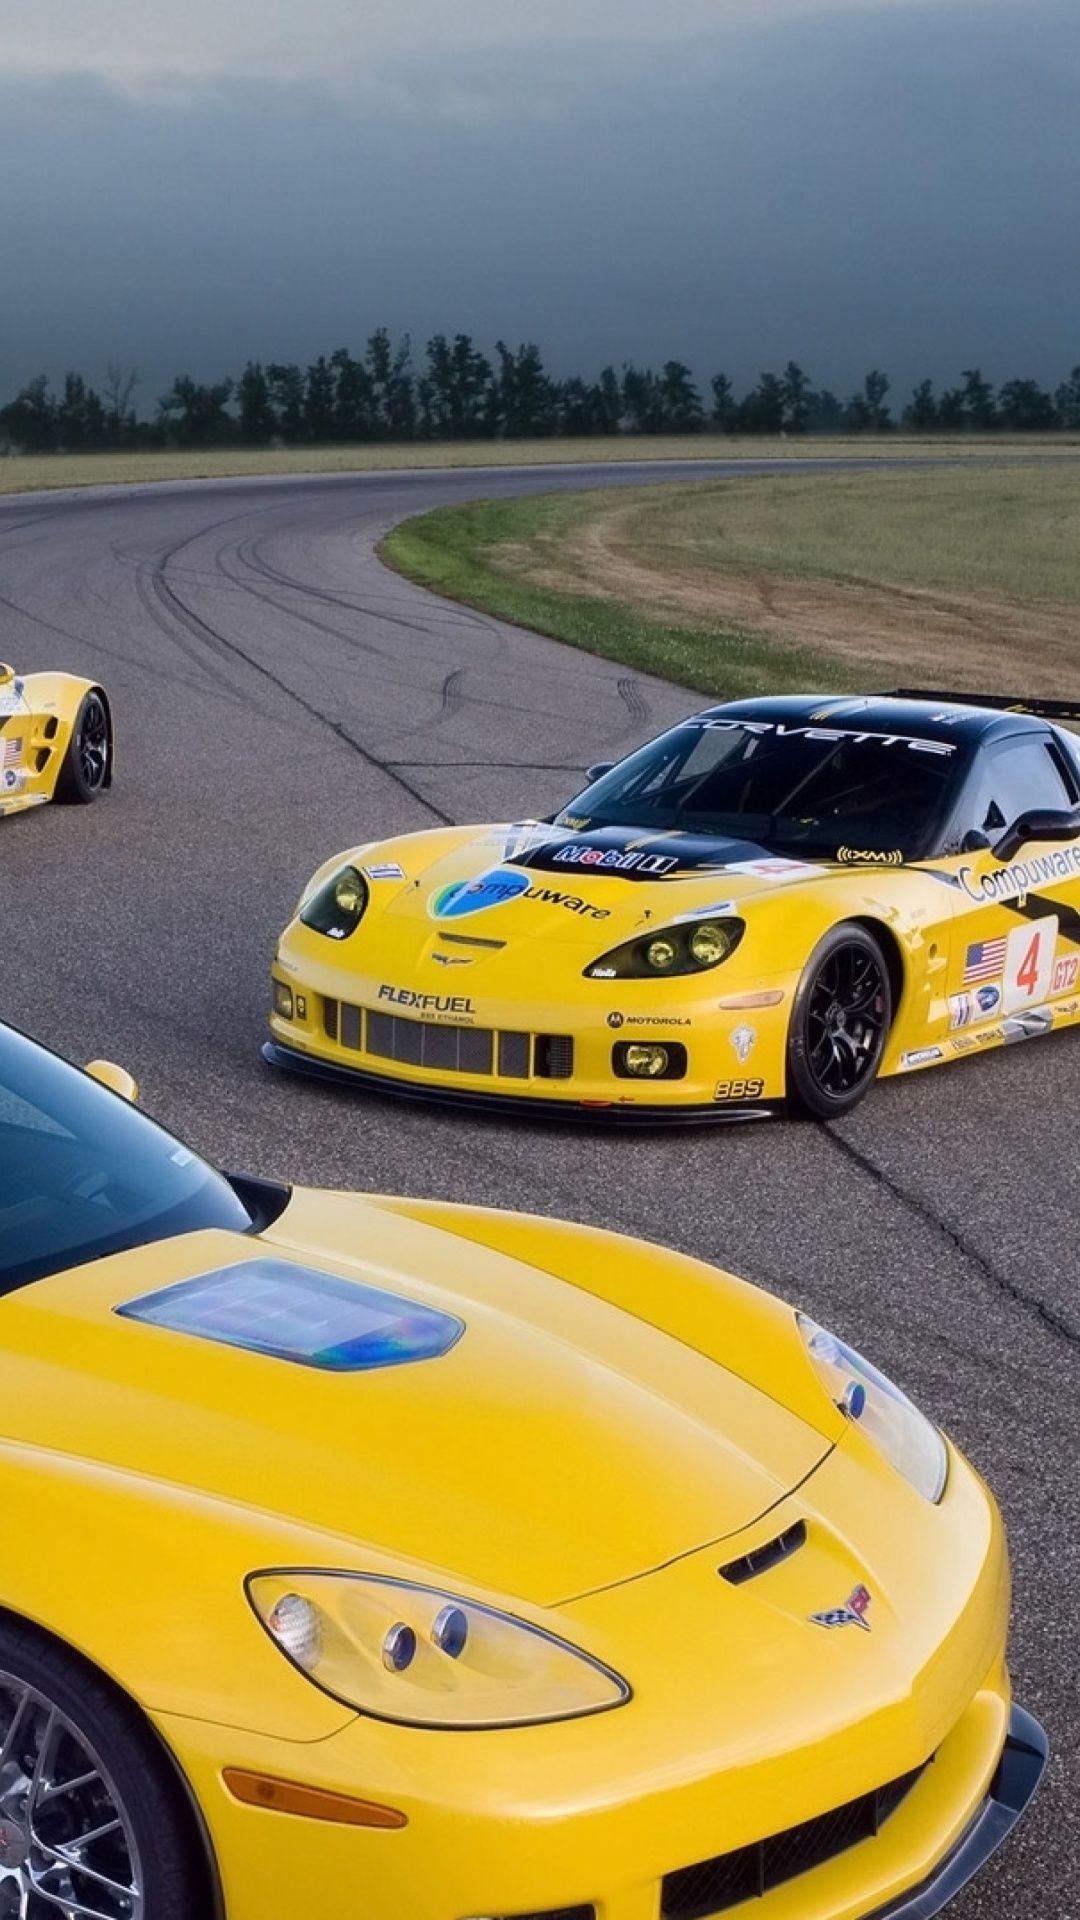 Chevrolet Corvette Cr Gt Wallpaper